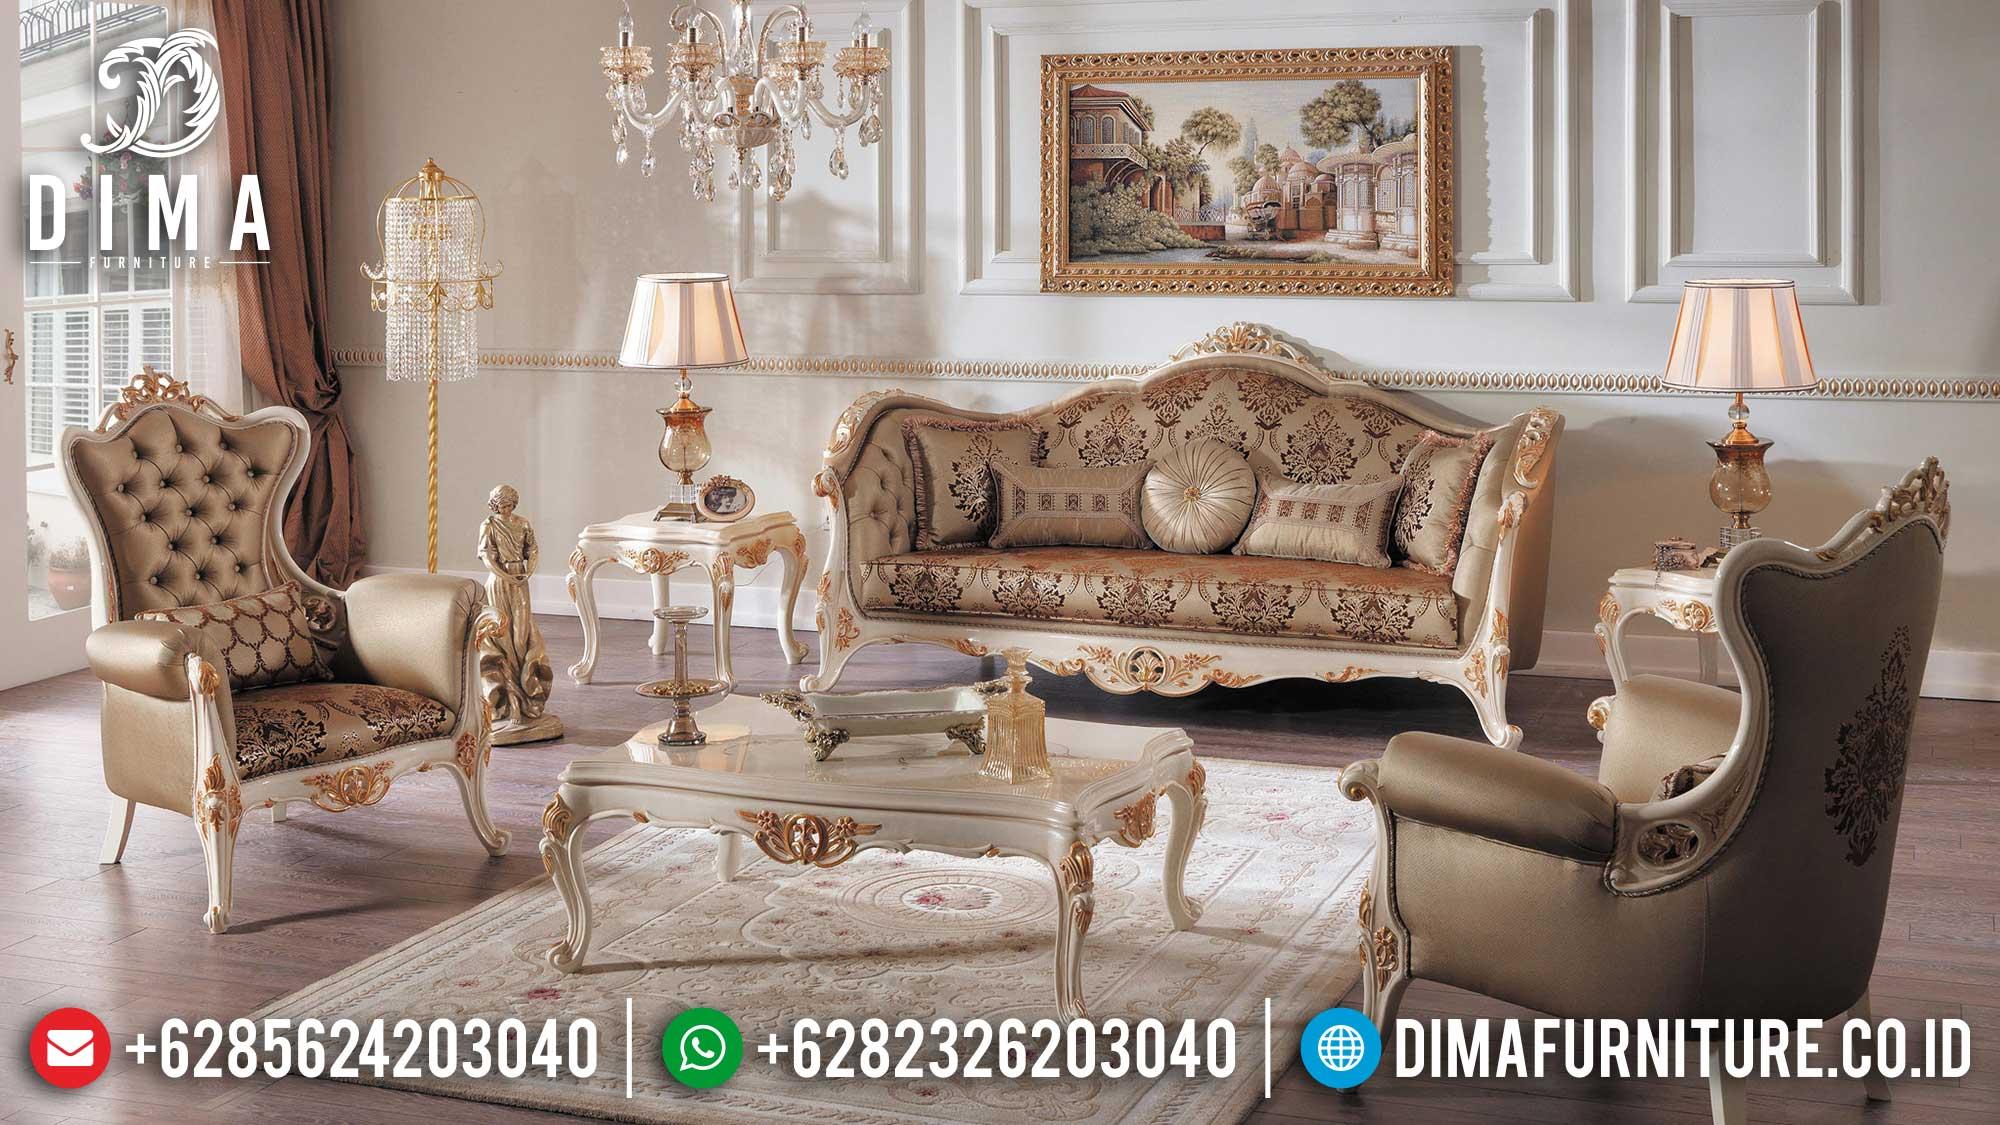 Beli Sofa Ruang Tamu Mewah Classic Luxury Premiere Model Furniture Jepara TTJ-1507